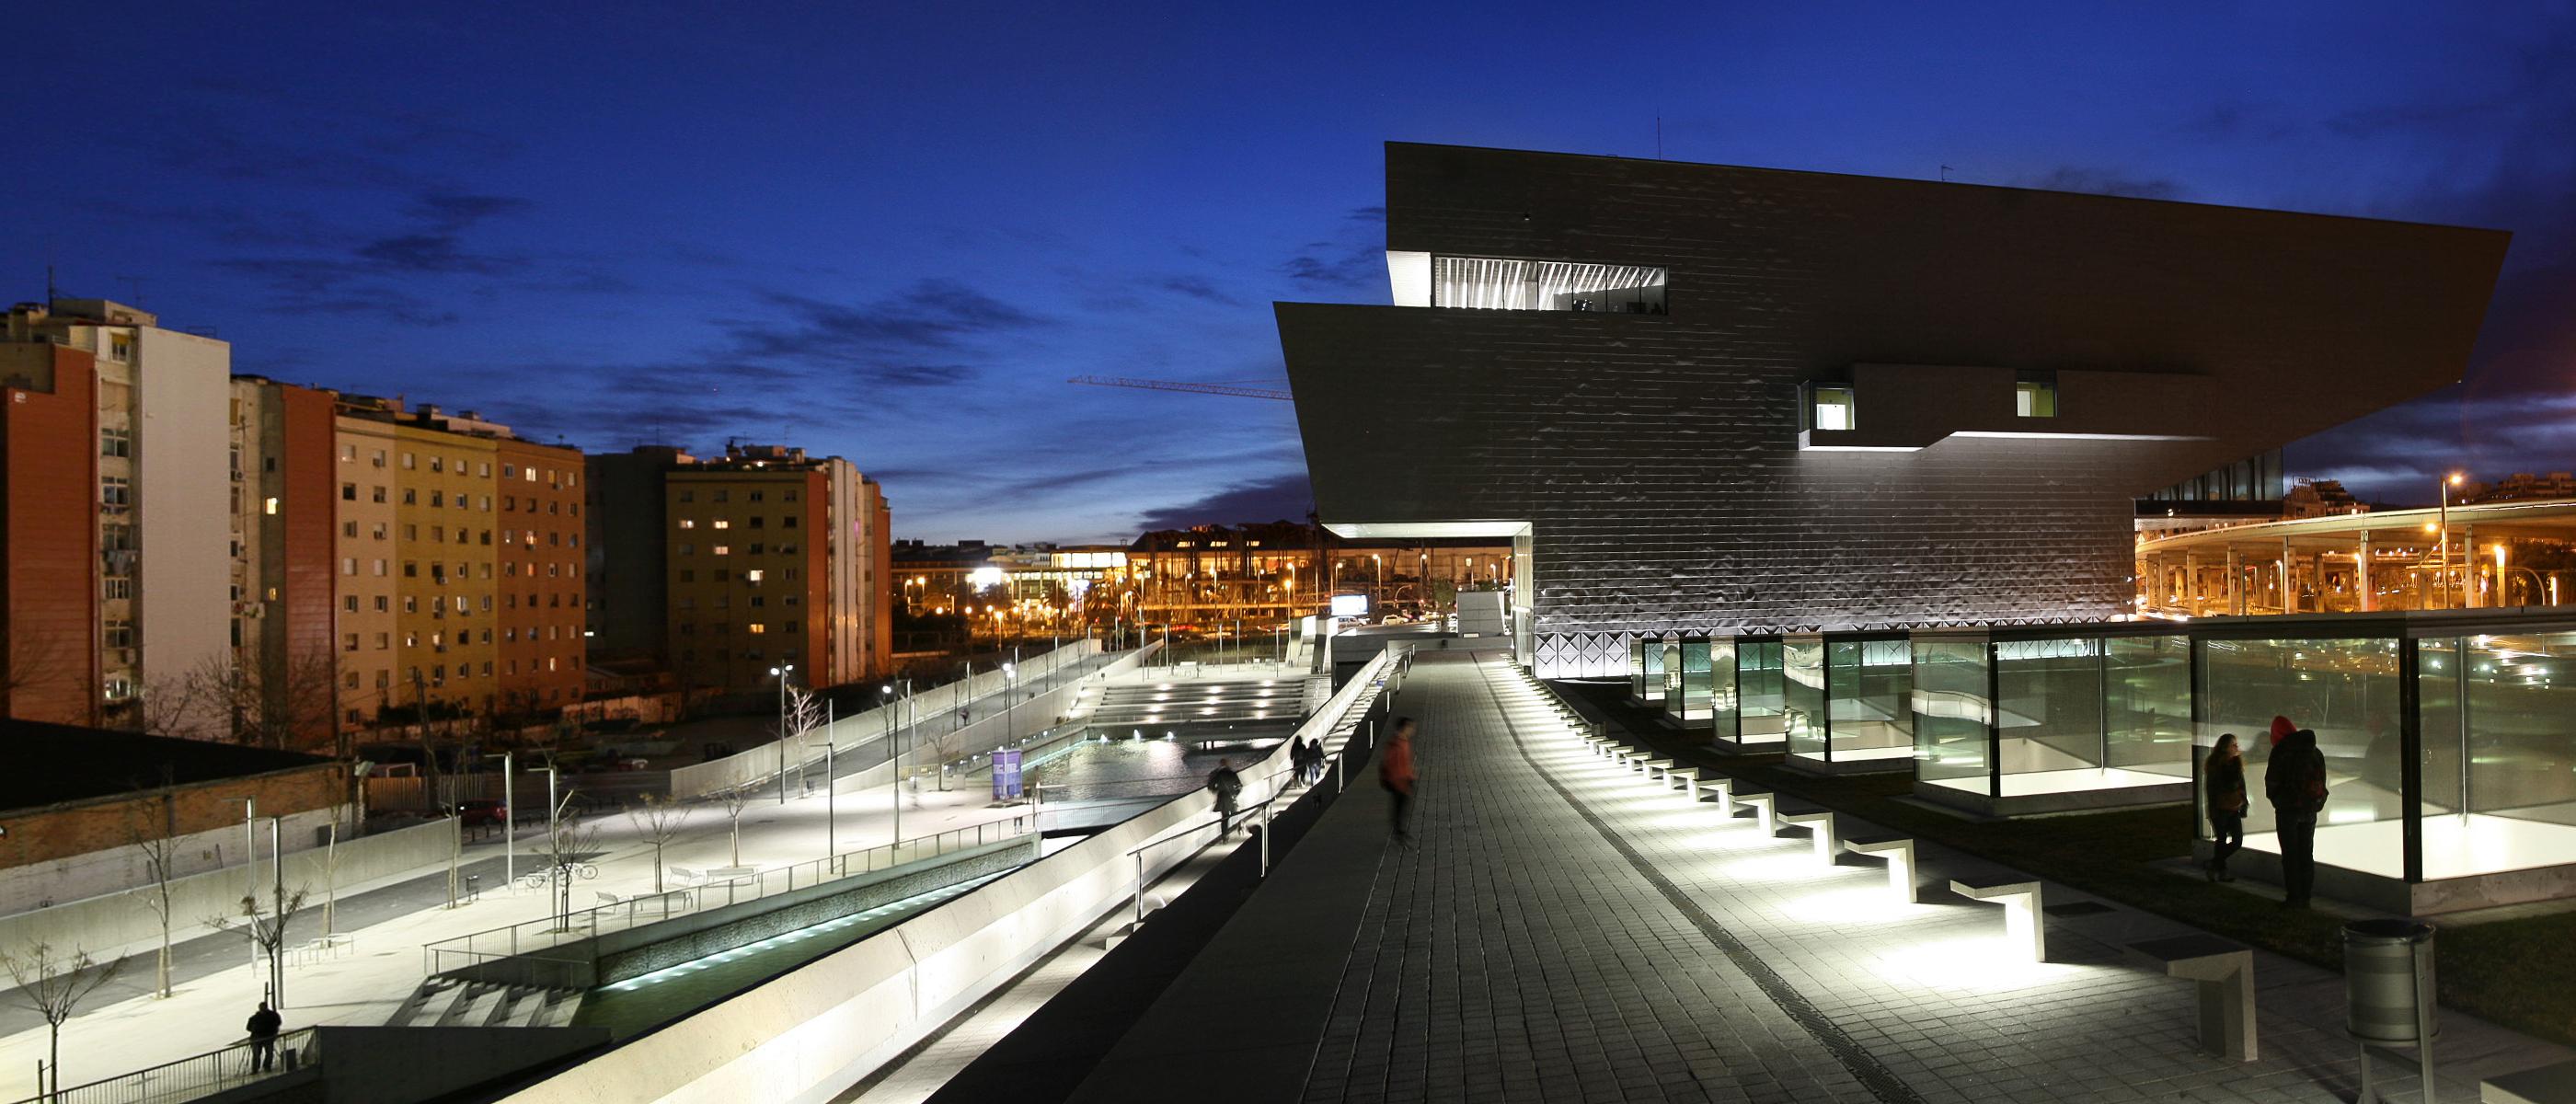 Disseny hub barcelona il design come esperienza pubblica for Illuminazione arredo urbano